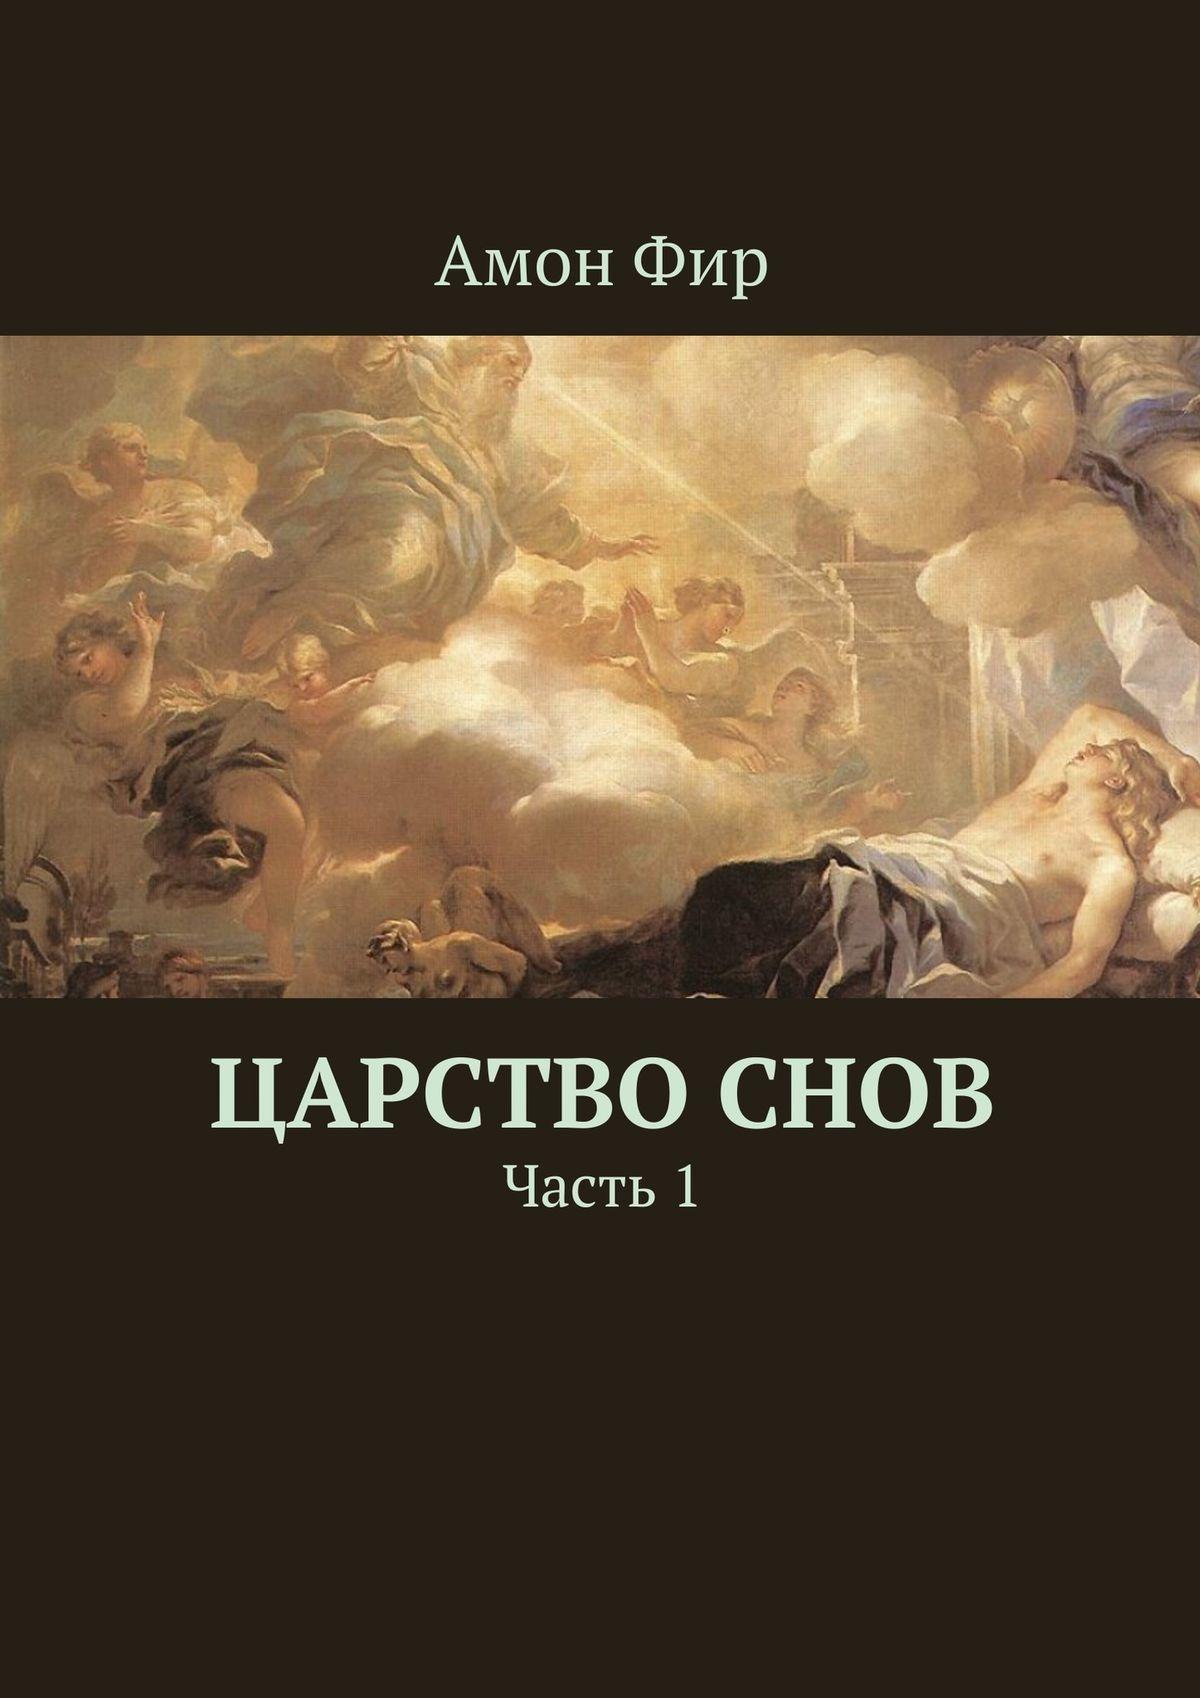 Амон Фир Царство Снов. Часть 1 иосиф и его удивительный плащ снов